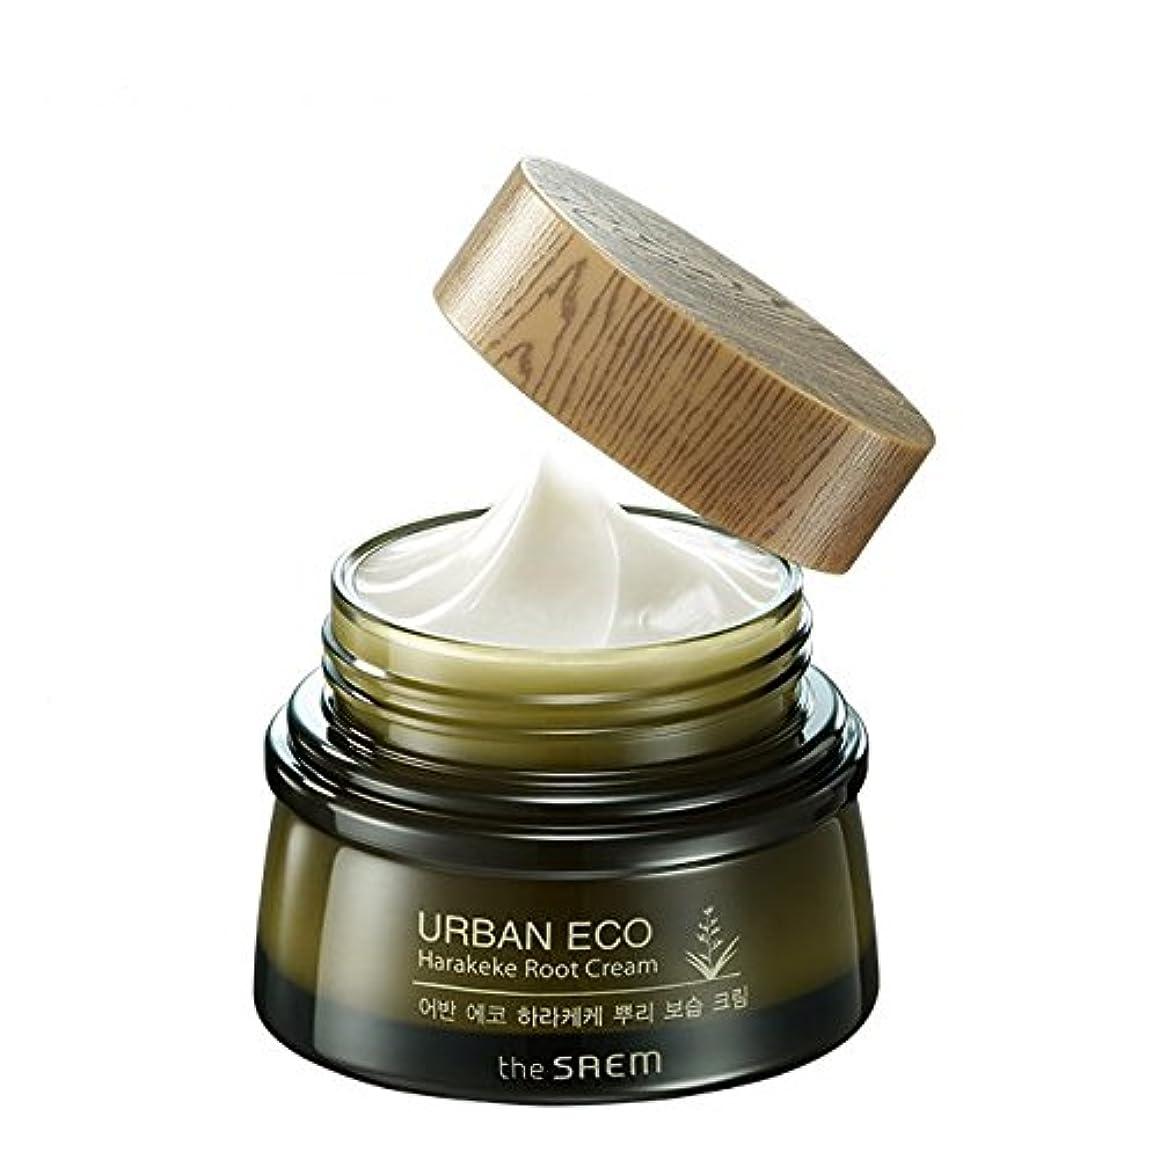 モニカ非アクティブピア[ザセム] The Saem [アーバンエコ ハラケケ 根保湿クリーム60ml (The Saem Urban Eco Harakeke Root Cream60ml)